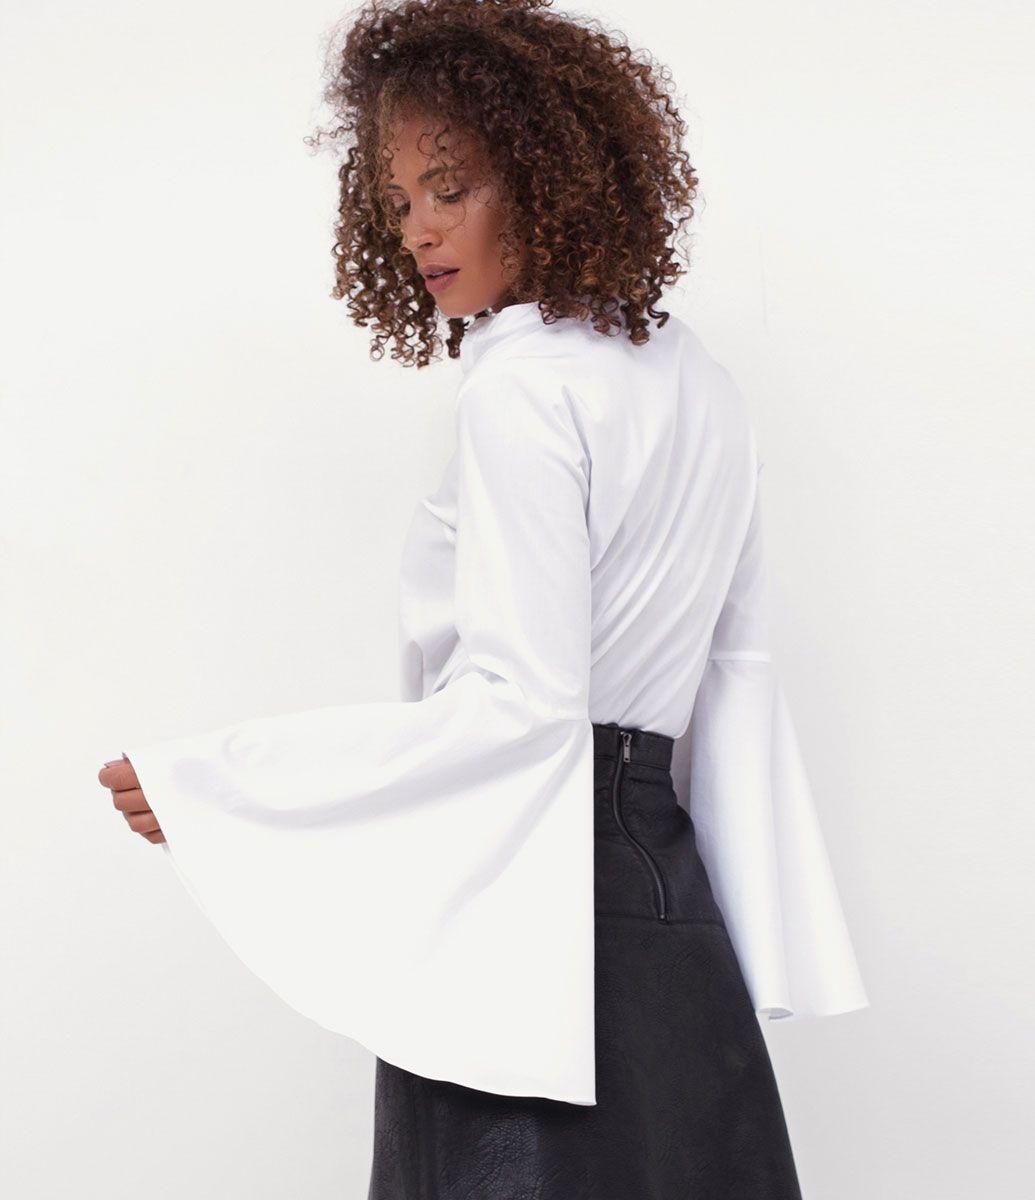 Camisa feminina Manga longa Gola padre Com manga sino Marca  Marfinno  Tecido  tricoline Modelo veste tamanho  P Medidas do modelo  Altura  1 bbfd6672bac